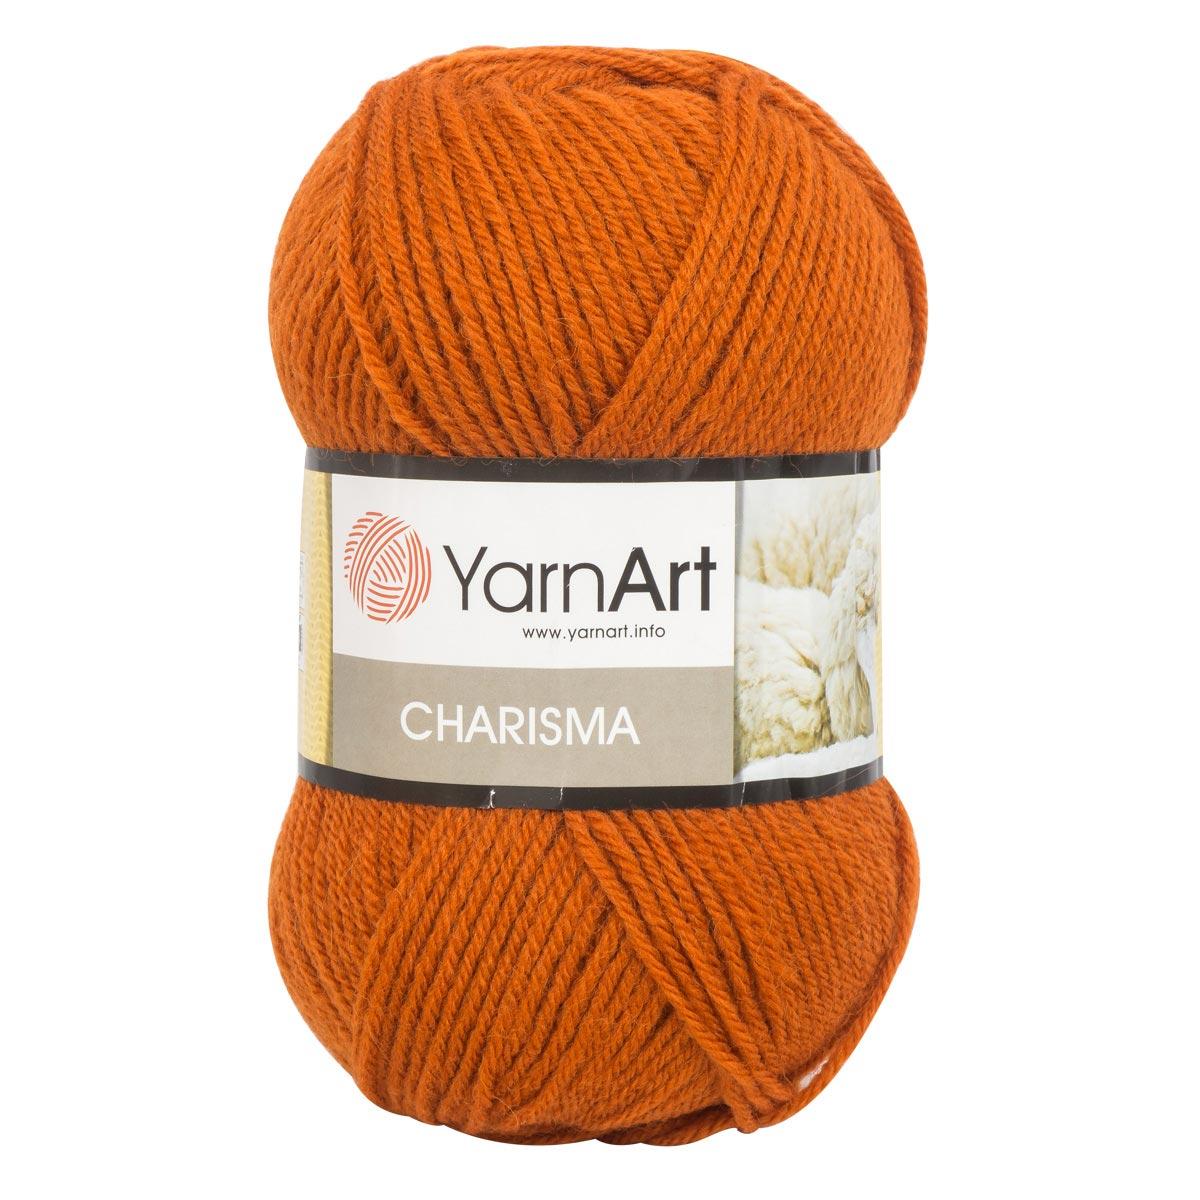 Пряжа YarnArt 'Charisma' 100гр. 200м (80%шерсть, 20%акрил)